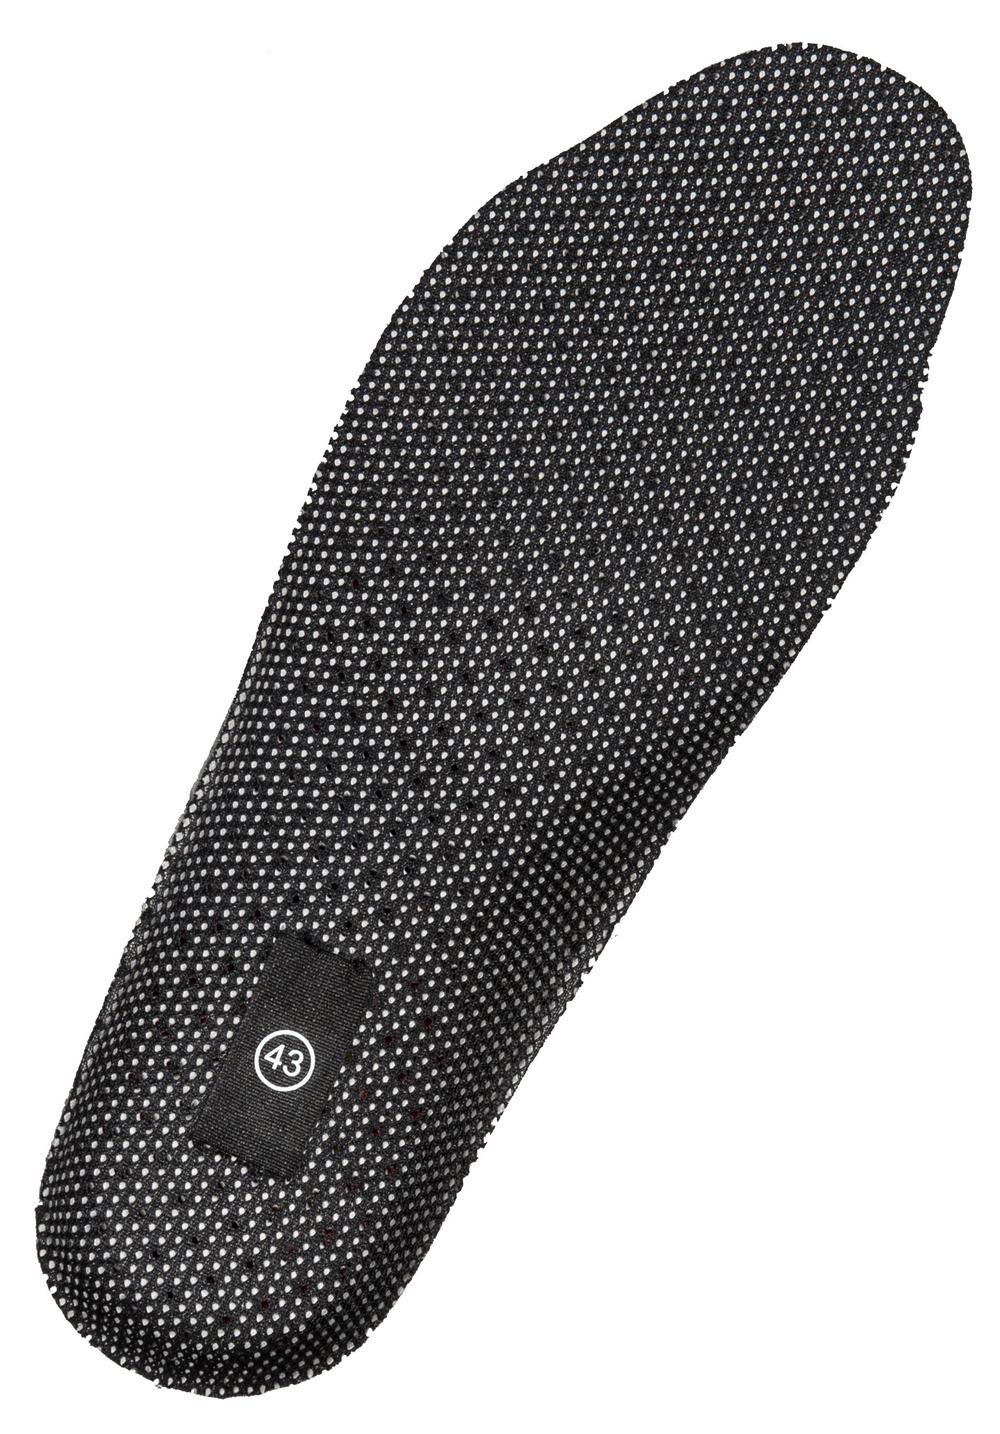 FT086-980-09 Indlægssåler - sort